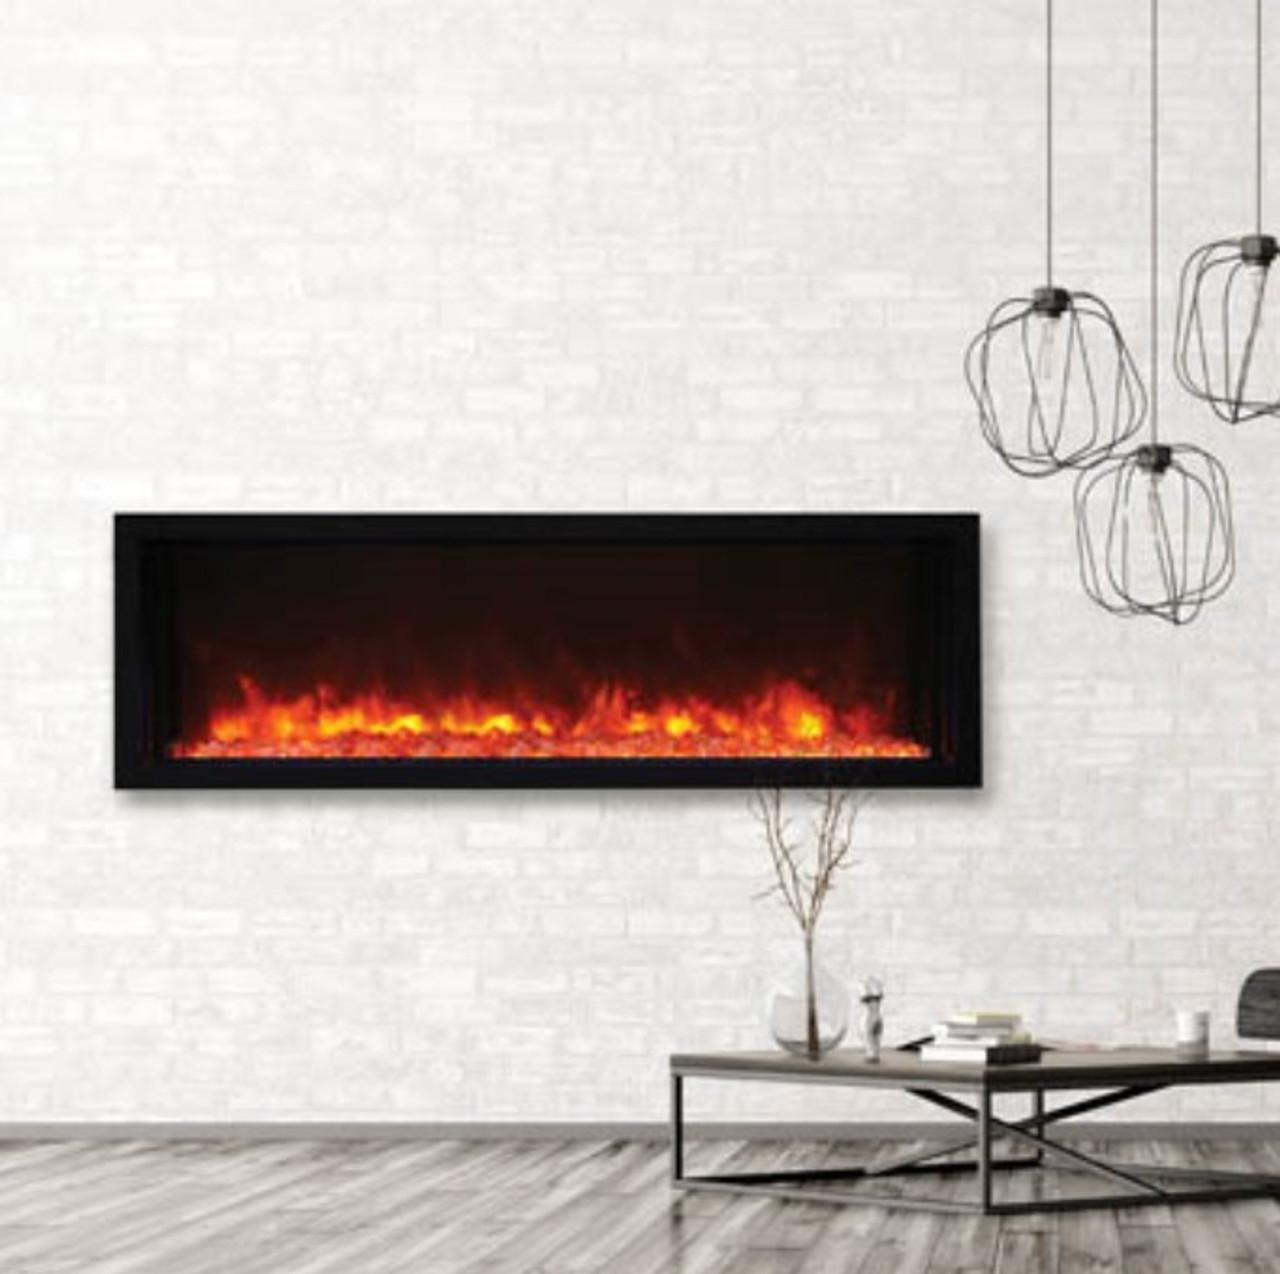 Amantii XtraSlim Electric Fireplace